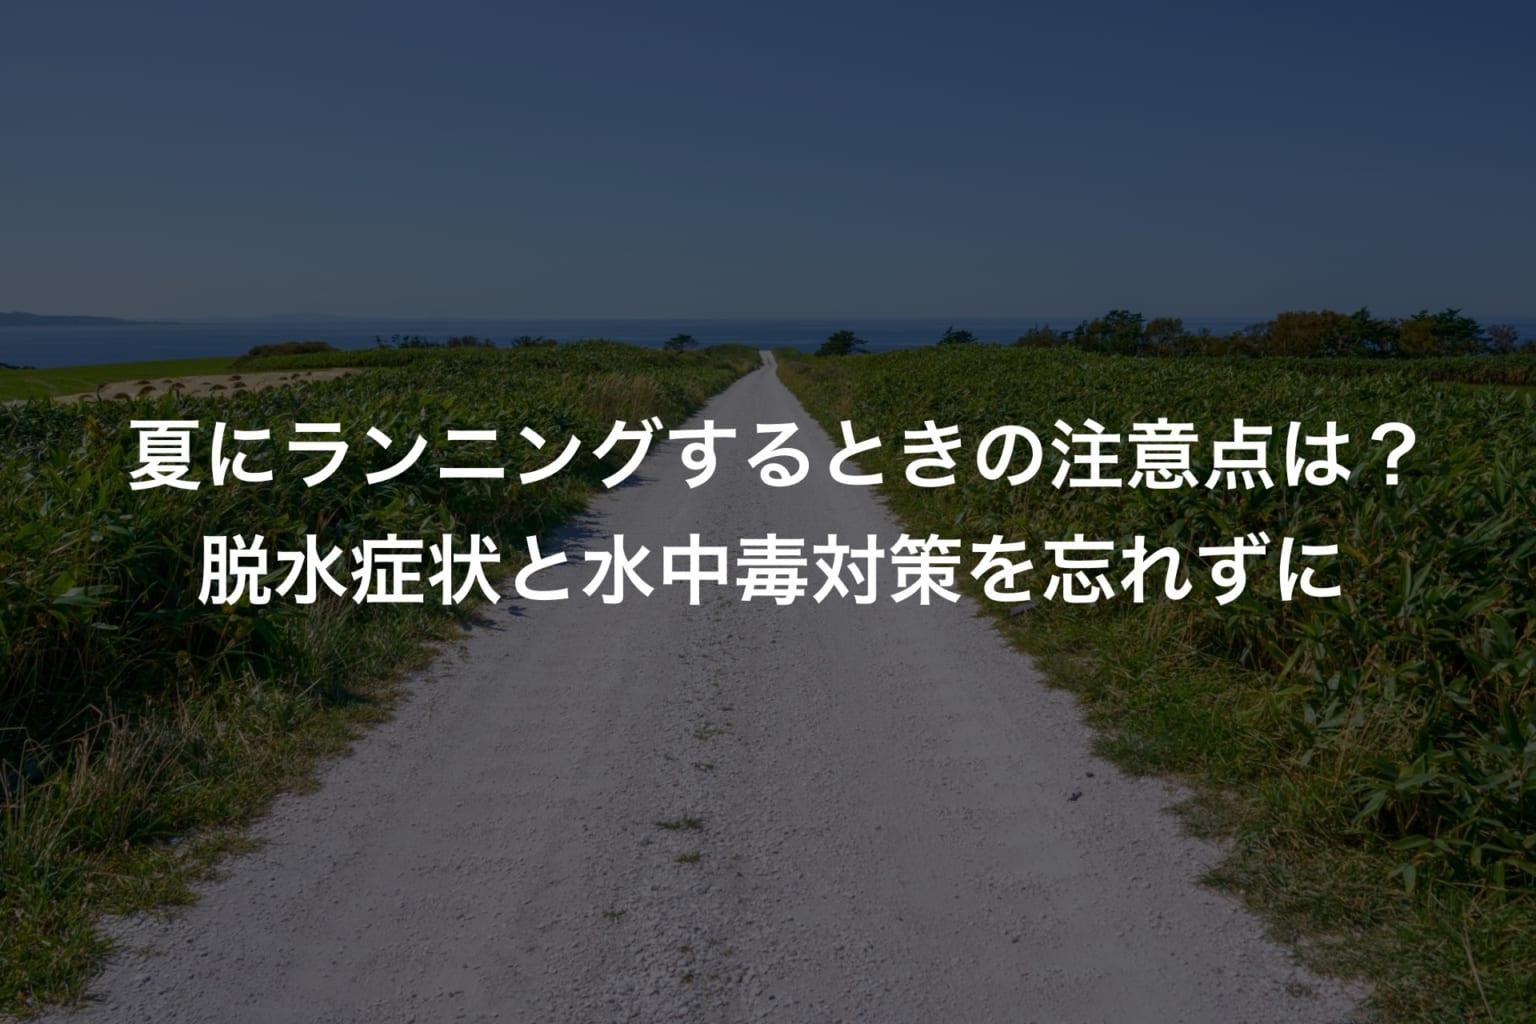 夏のランニングの走る距離は少なくてもいい?